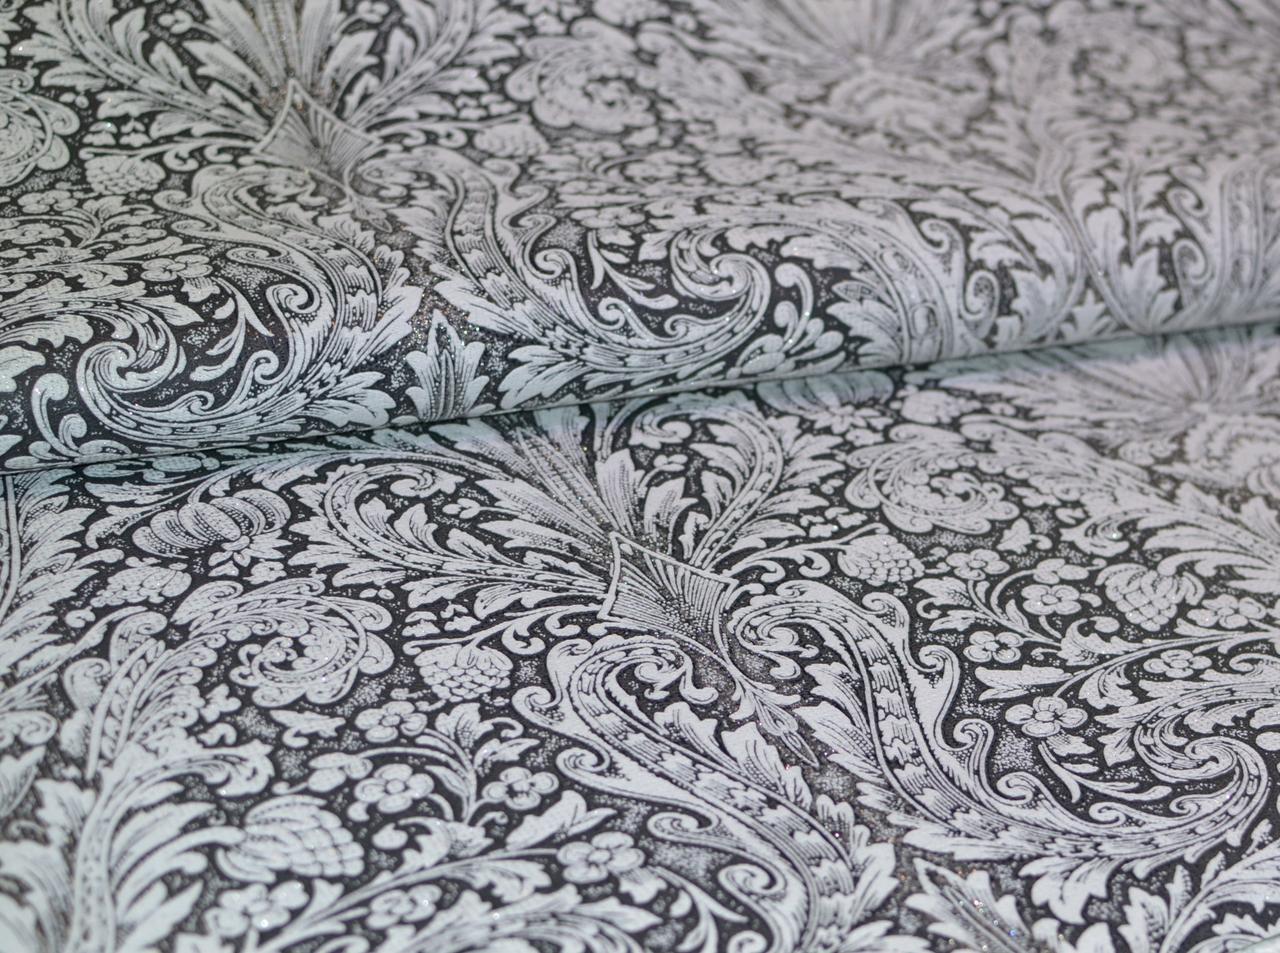 Обои на стену, винил на флизелине, B109 Консуэло 3500-10, серый, черно-белый,  1,06*10м